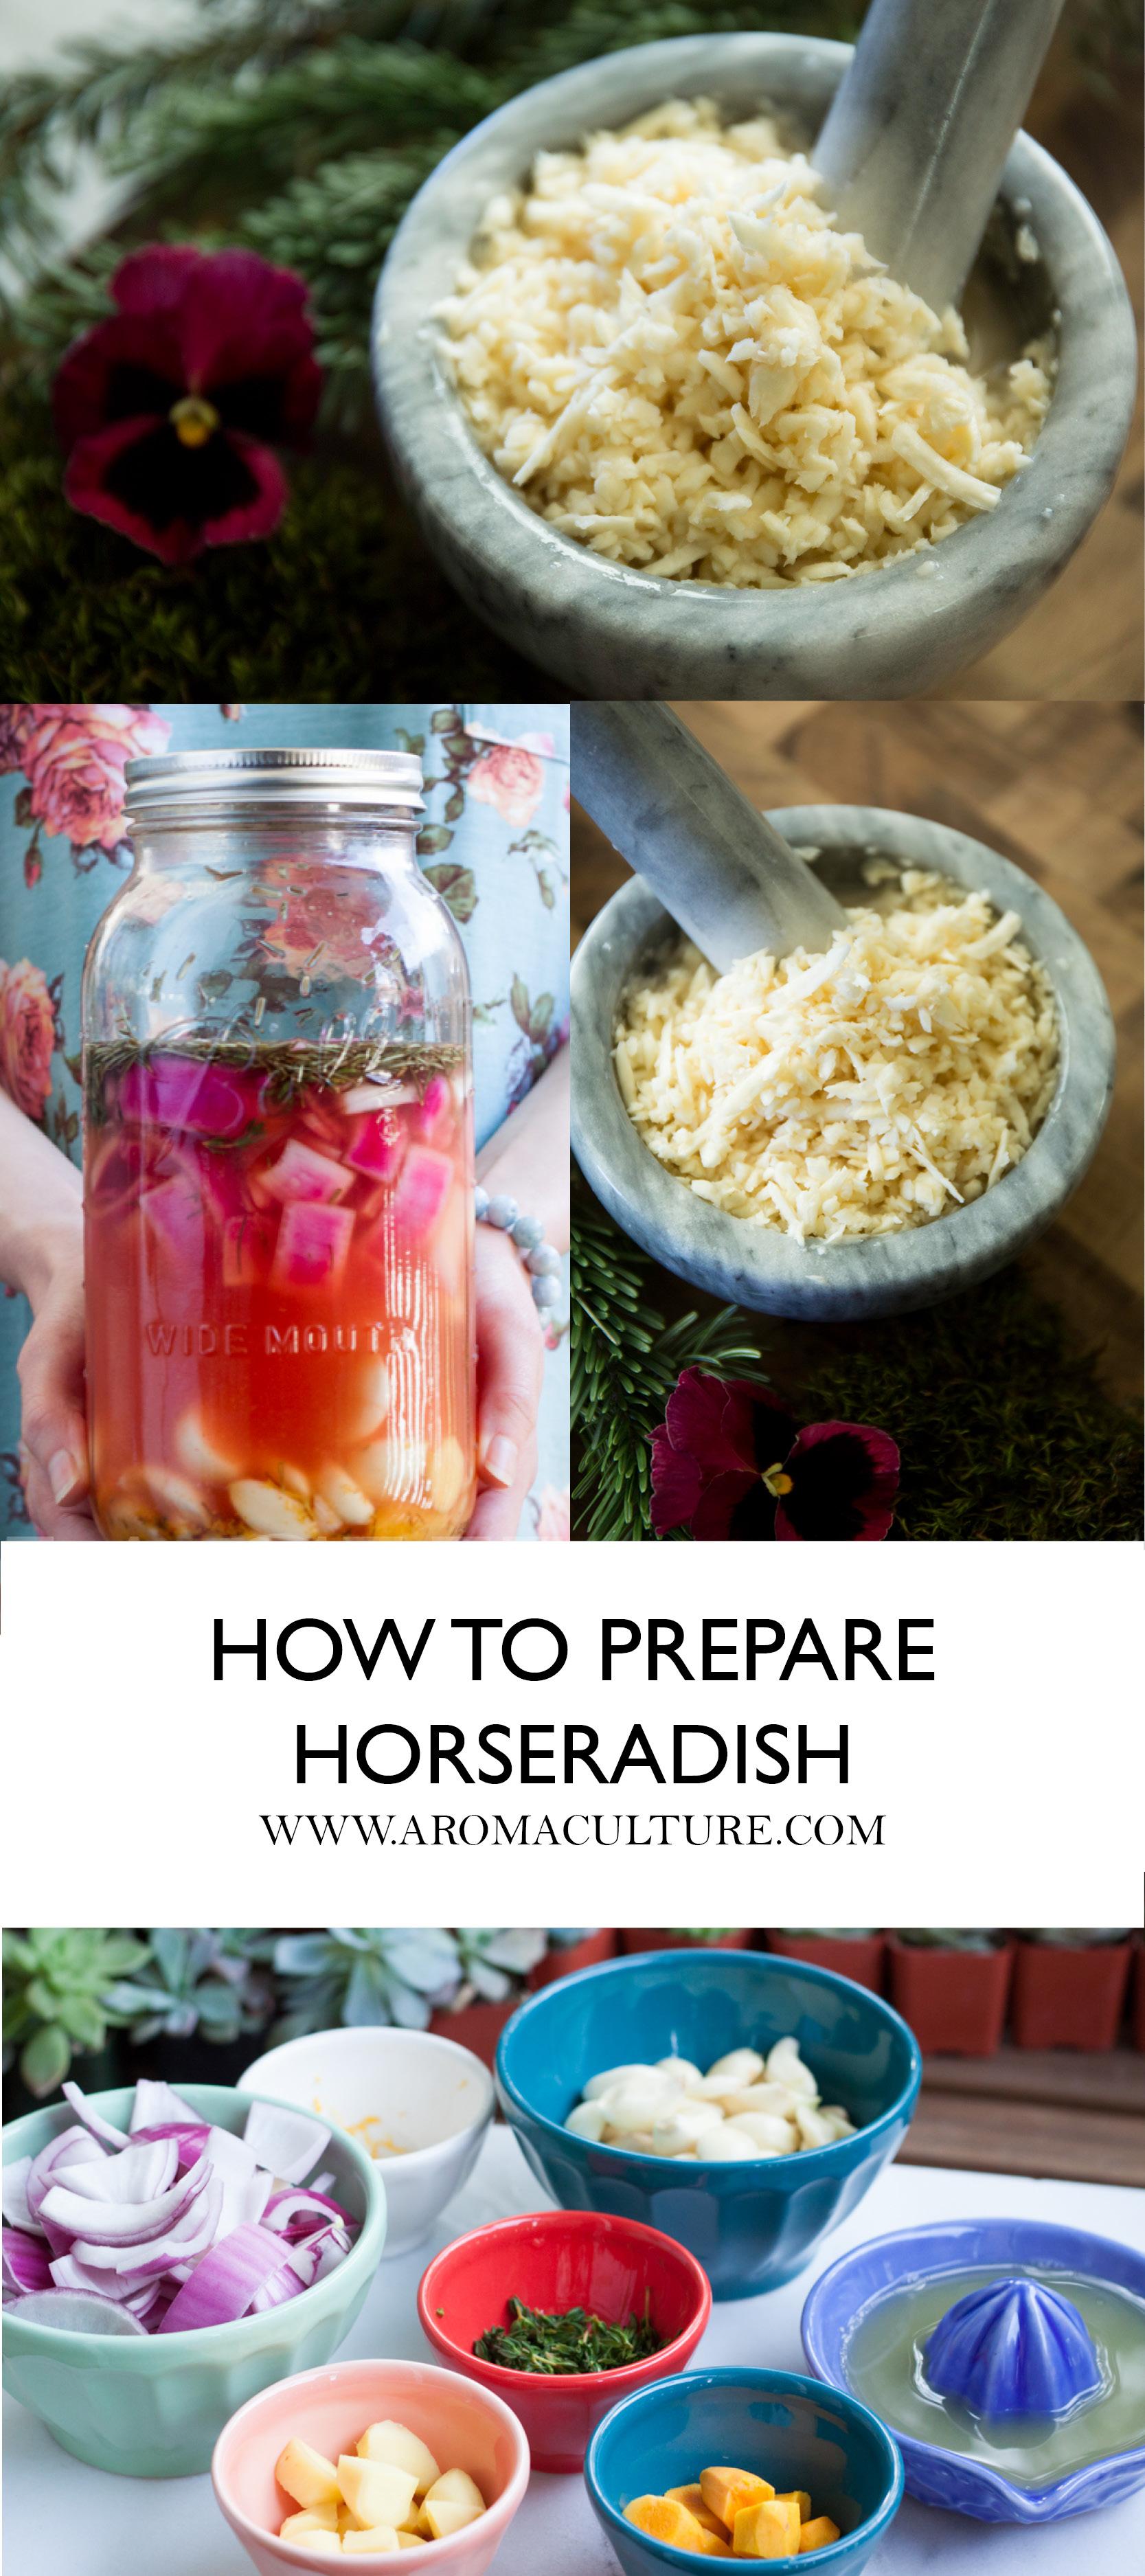 HOW TO PREPARE HORSERADISH.jpg